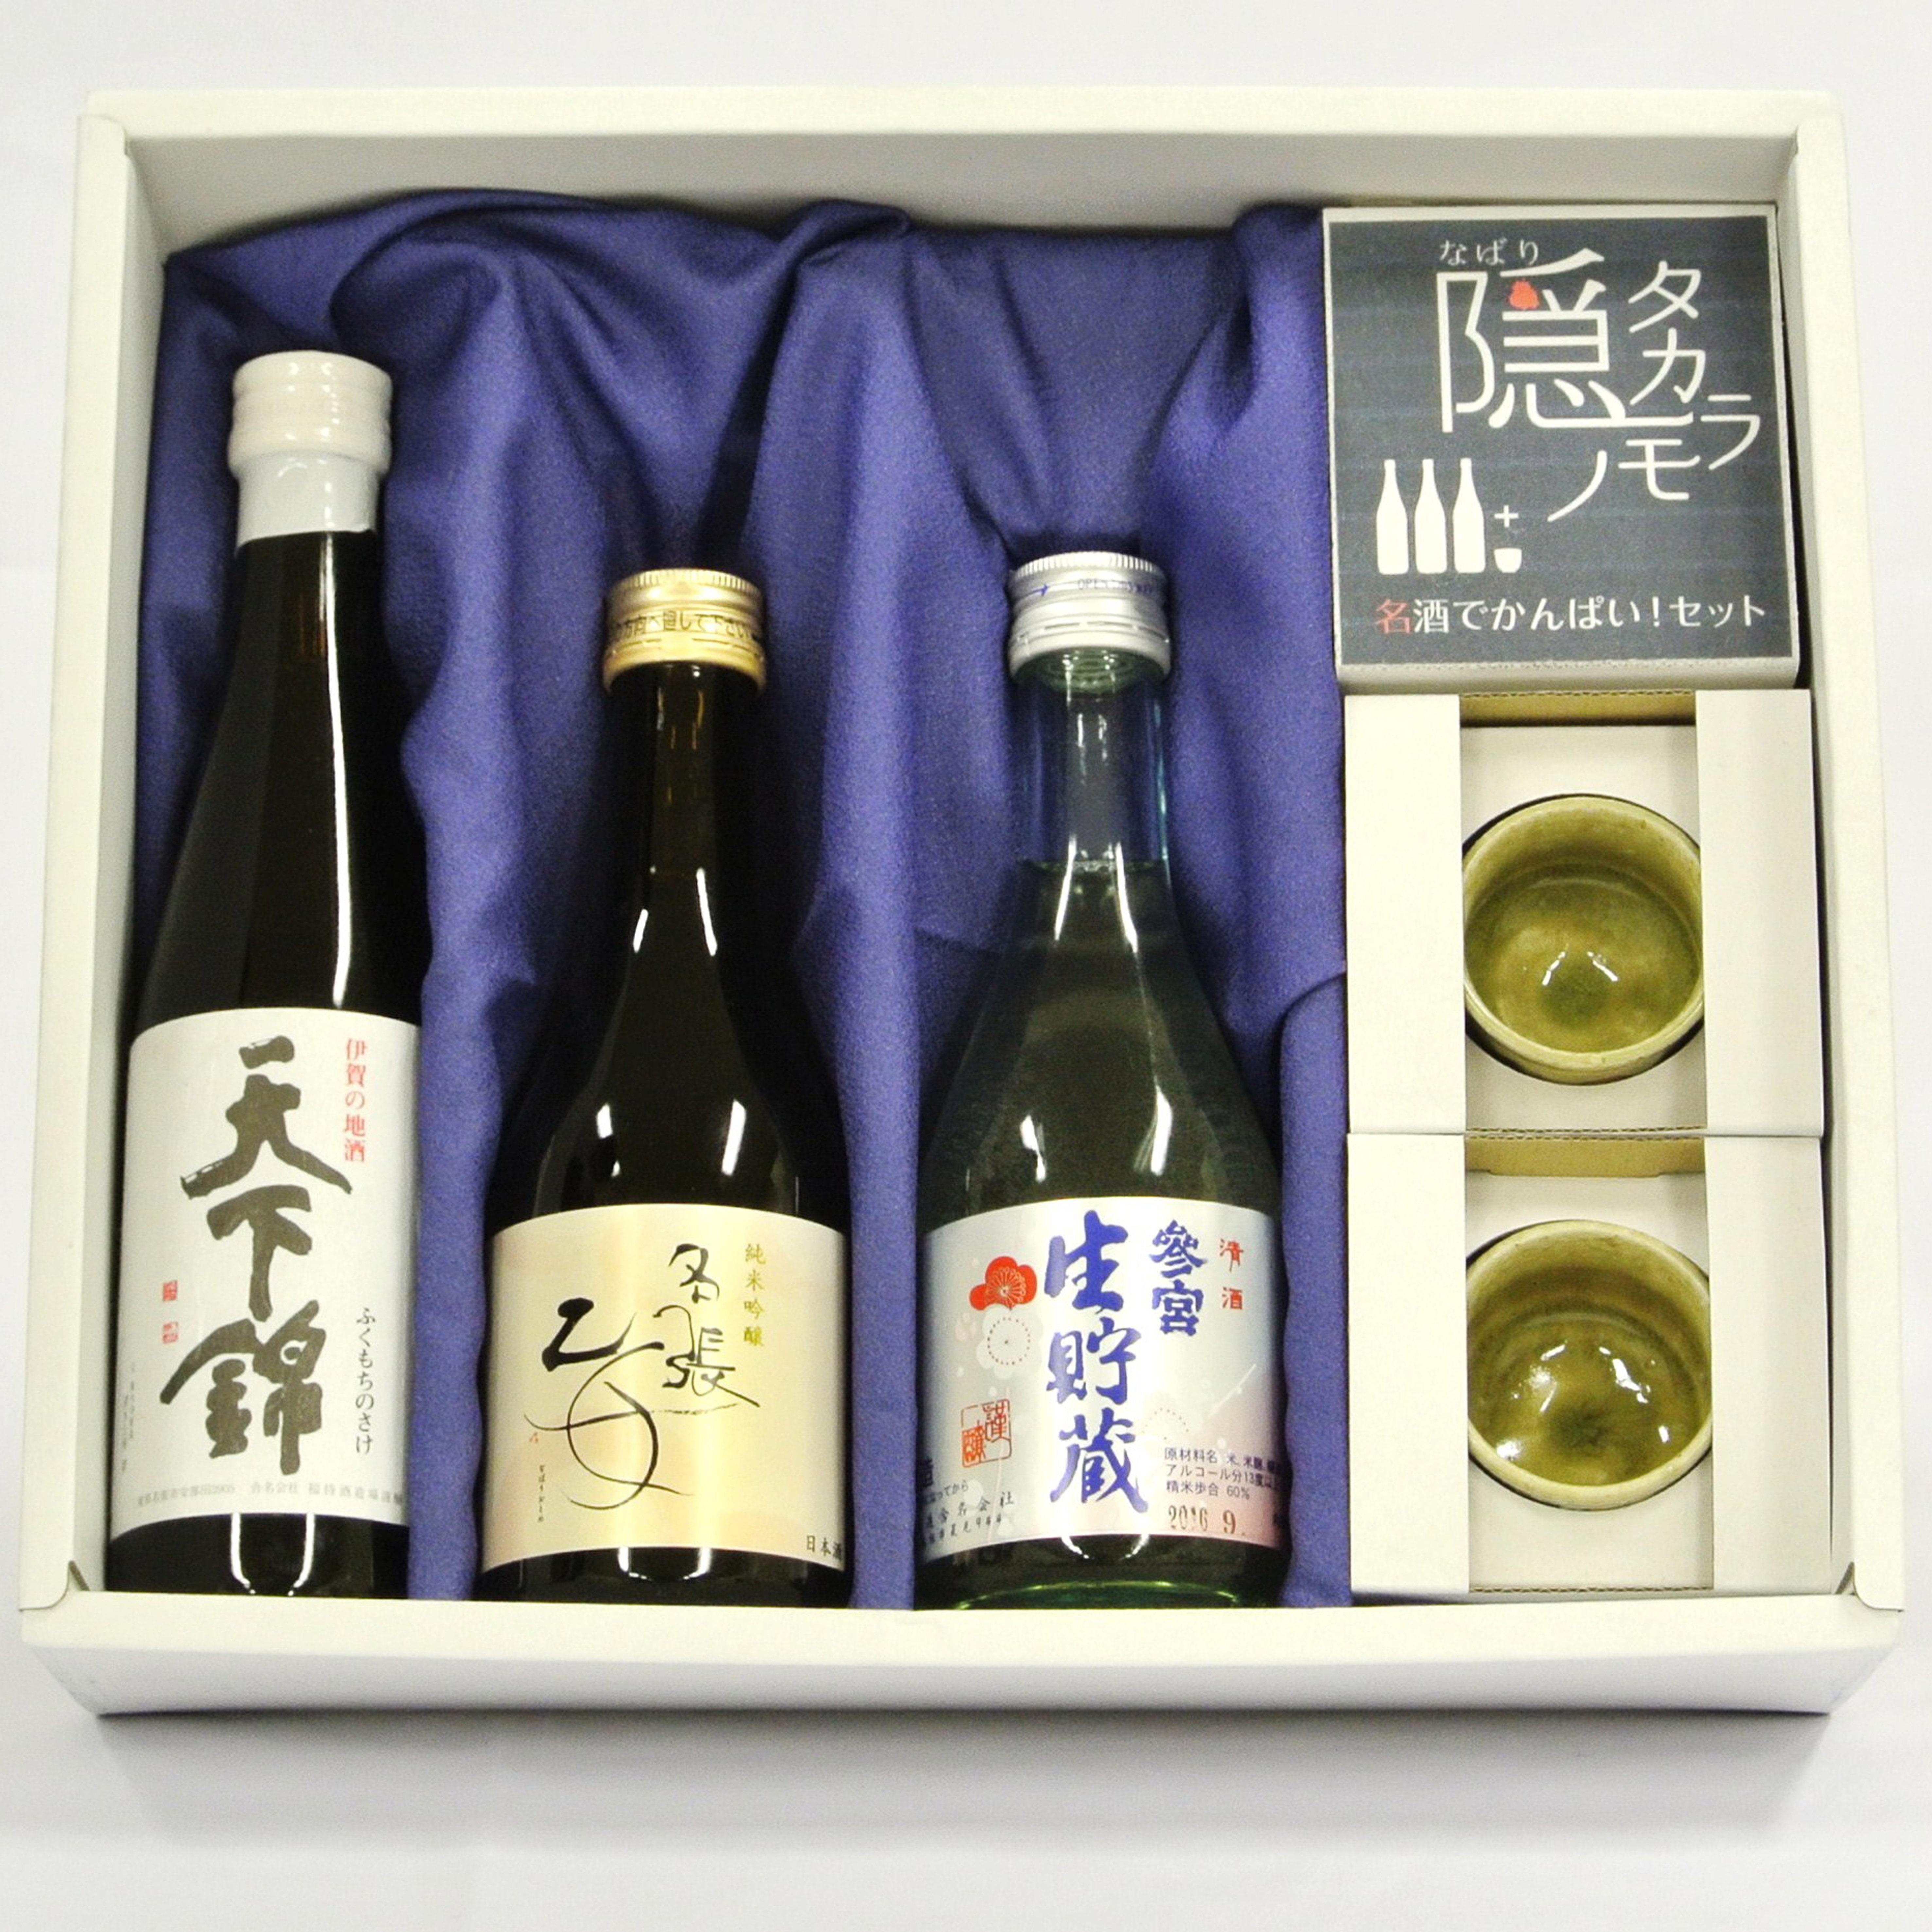 名酒でかんぱい!セット~名張の地酒3本と伊賀焼おちょこセット